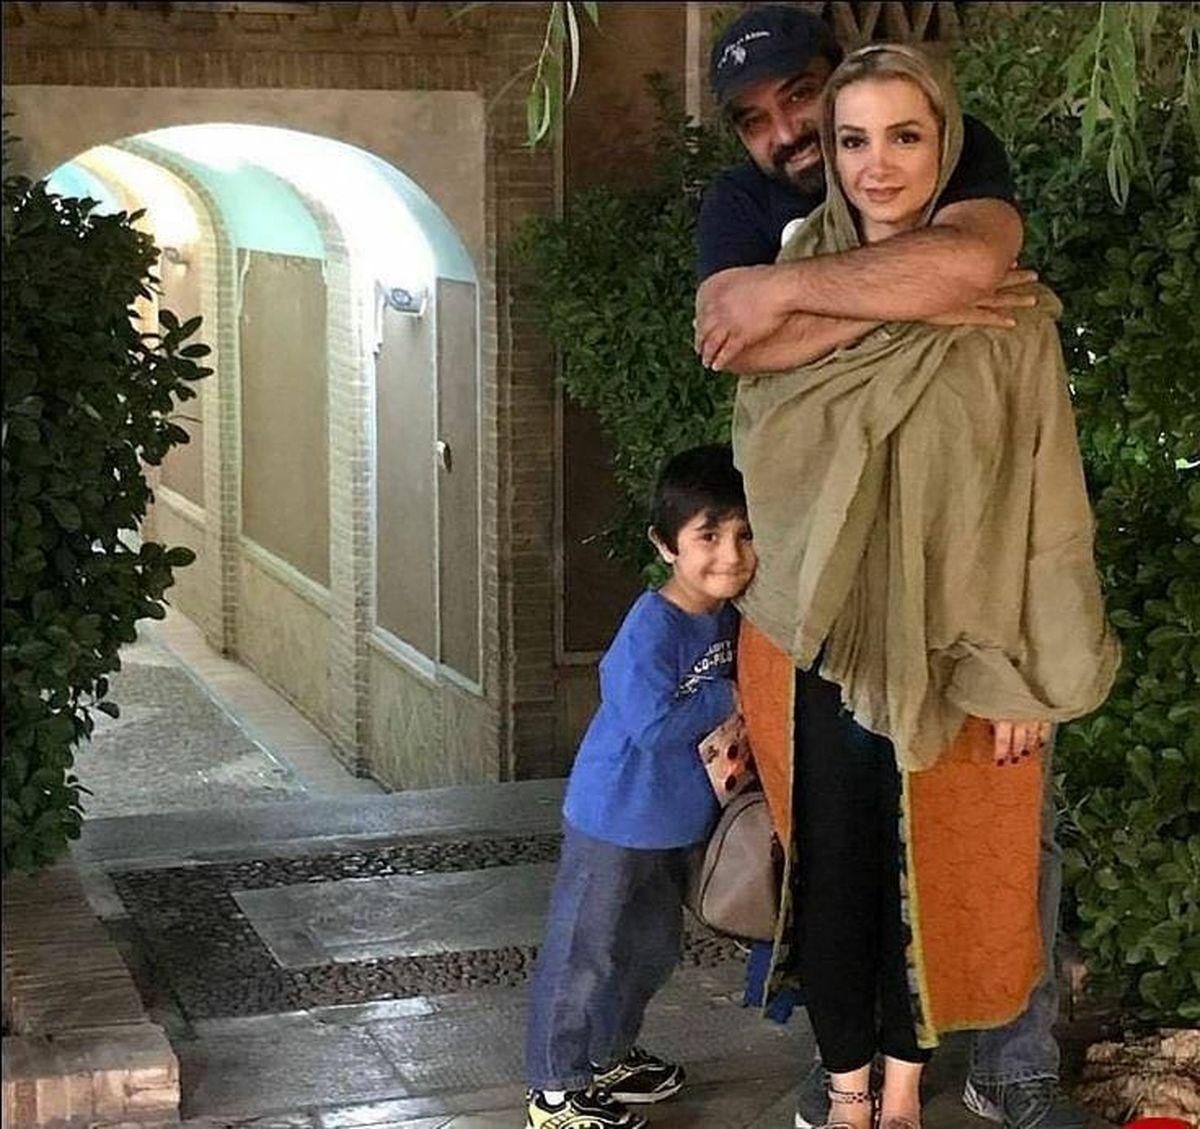 شلوار کوتاهِ همسر برزو ارجمند در آغوشش + عکس